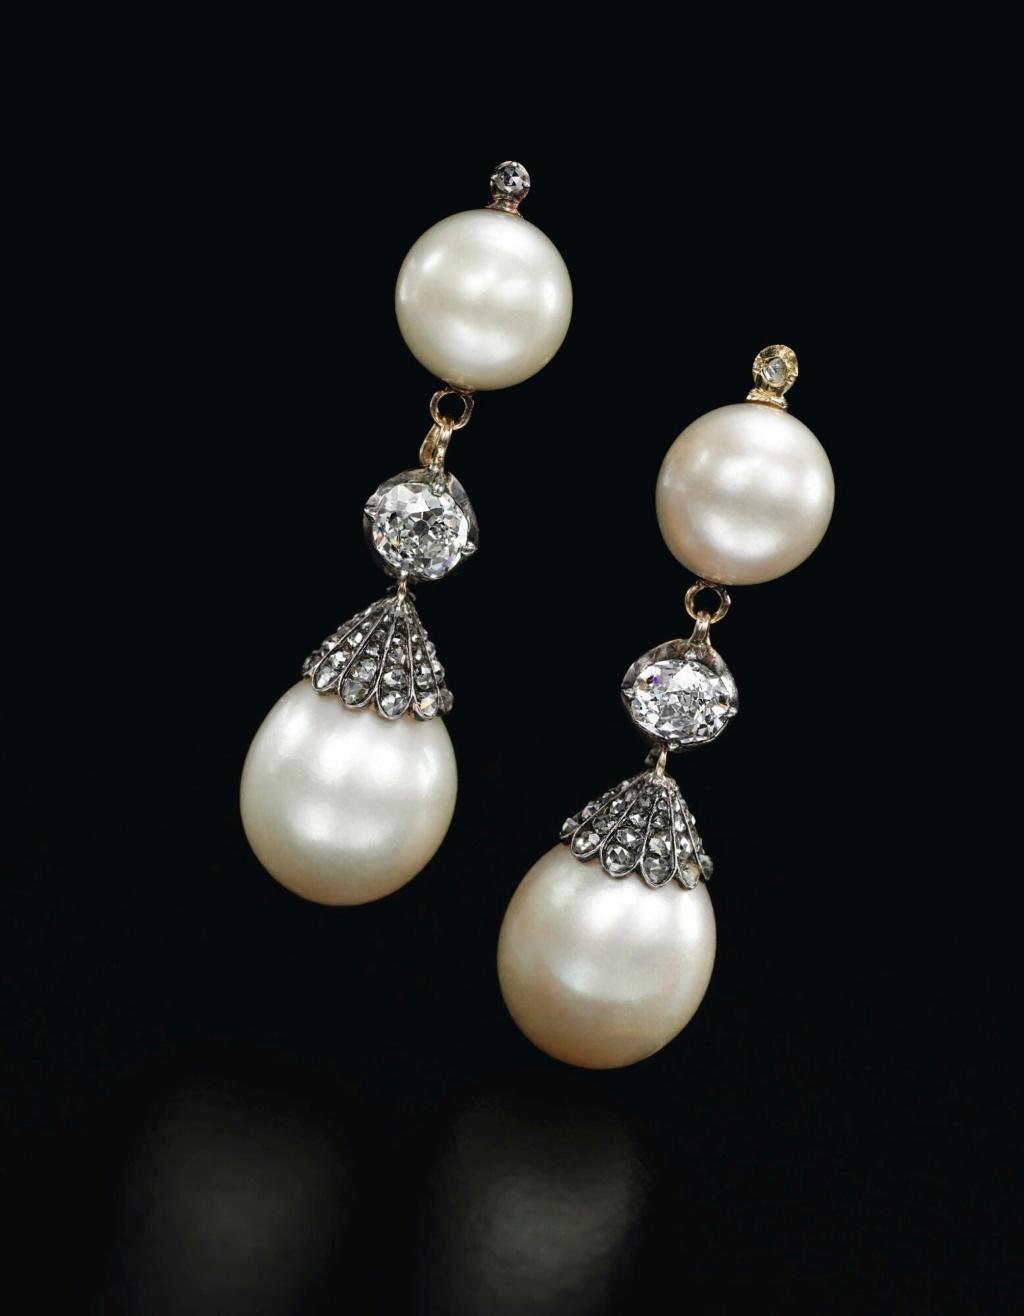 Bijoux de Marie-Antoinette : boucles d'oreilles et girandoles 909ge111